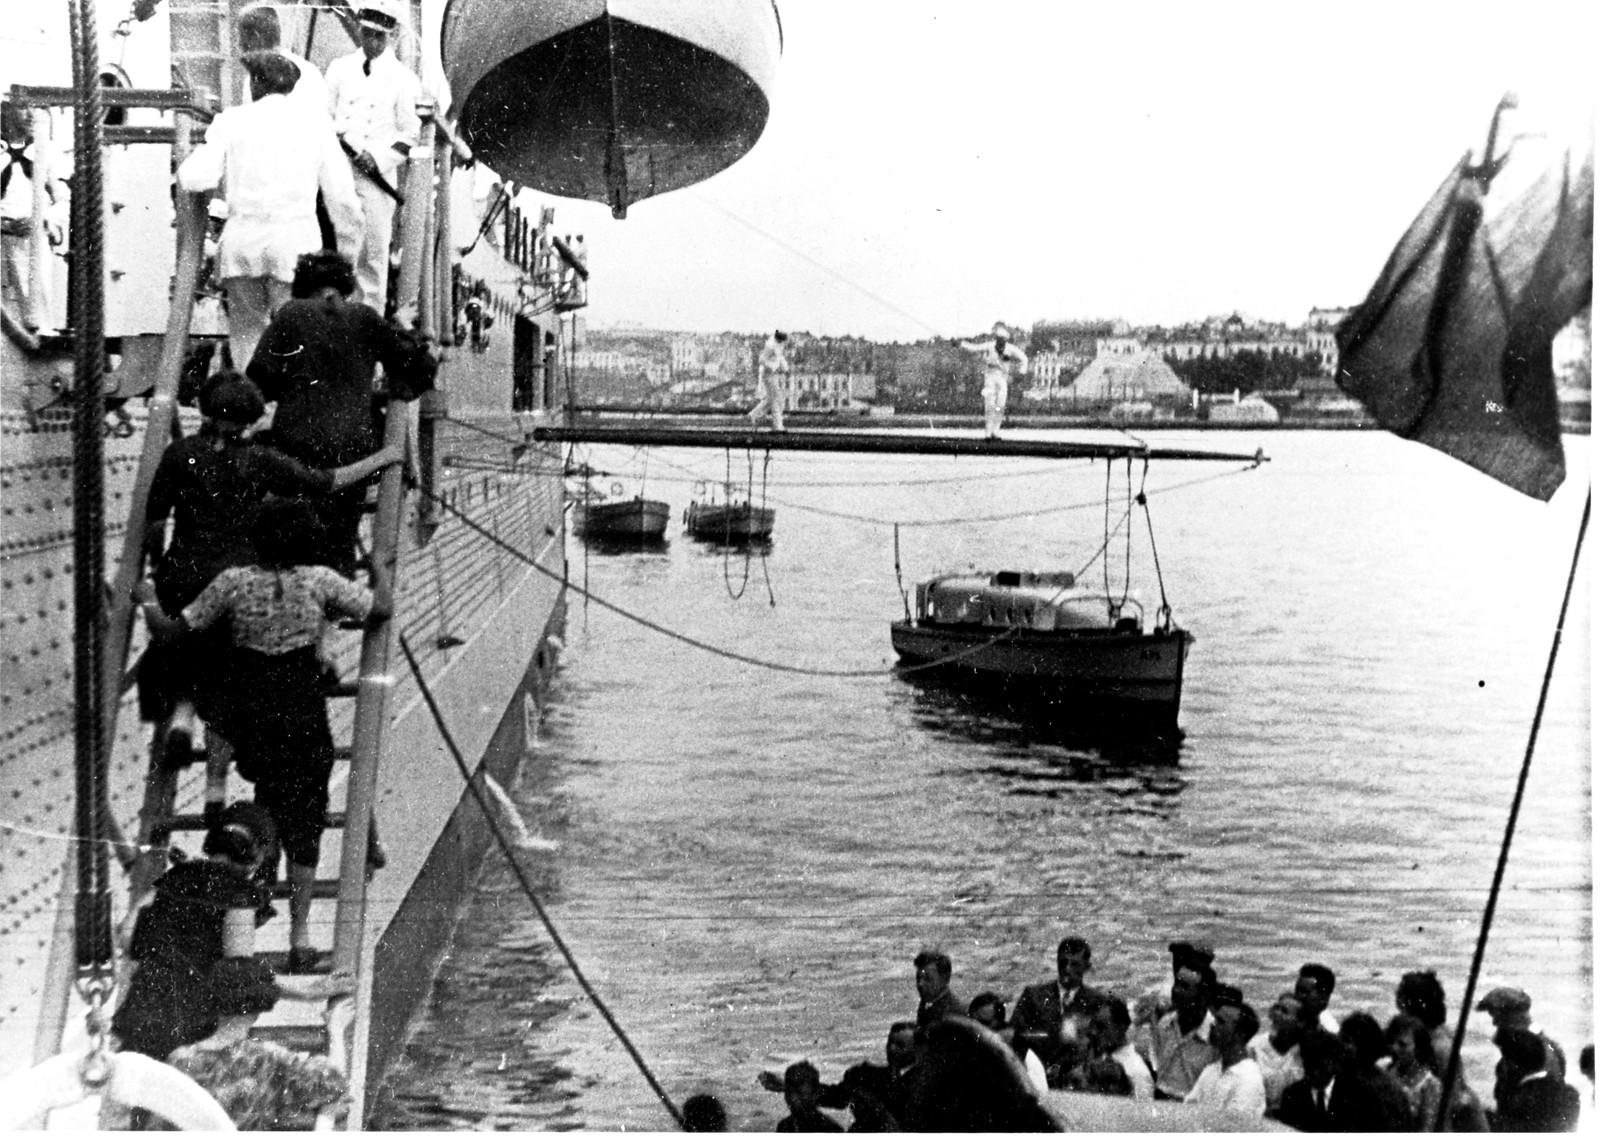 Гражданские лица посещают корабль в субботу, 31 июля